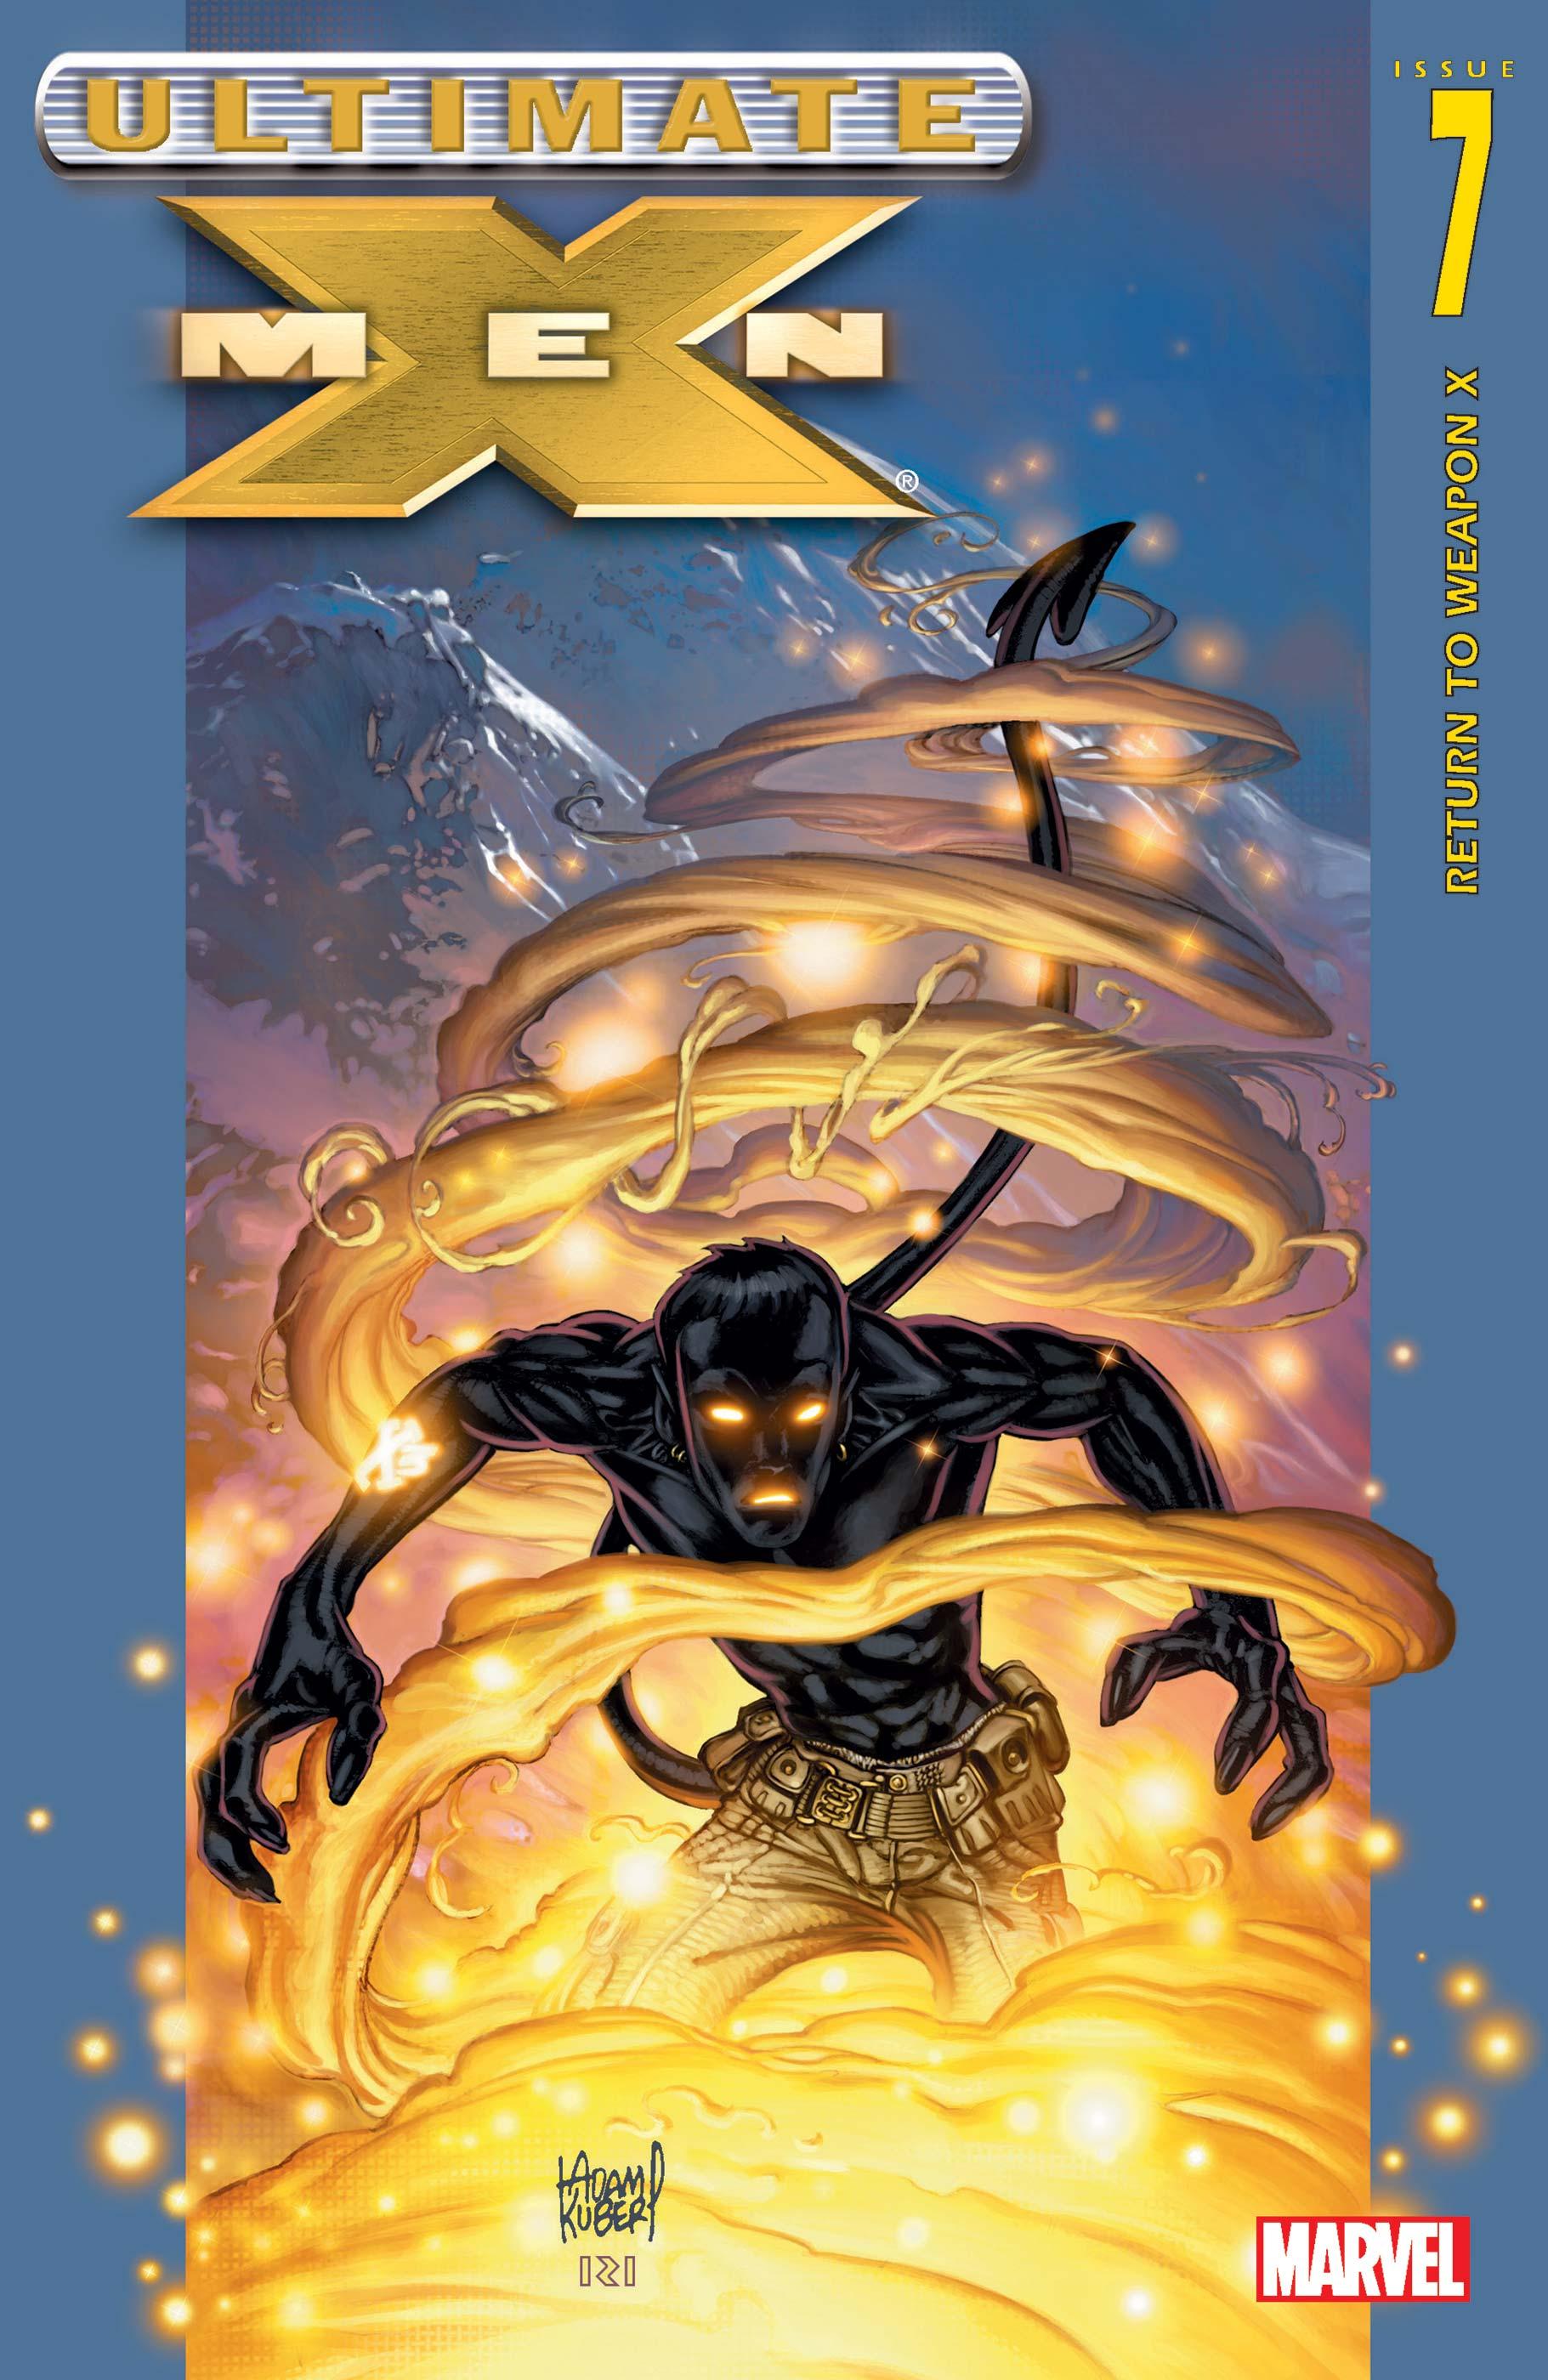 Ultimate X-Men (2001) #7